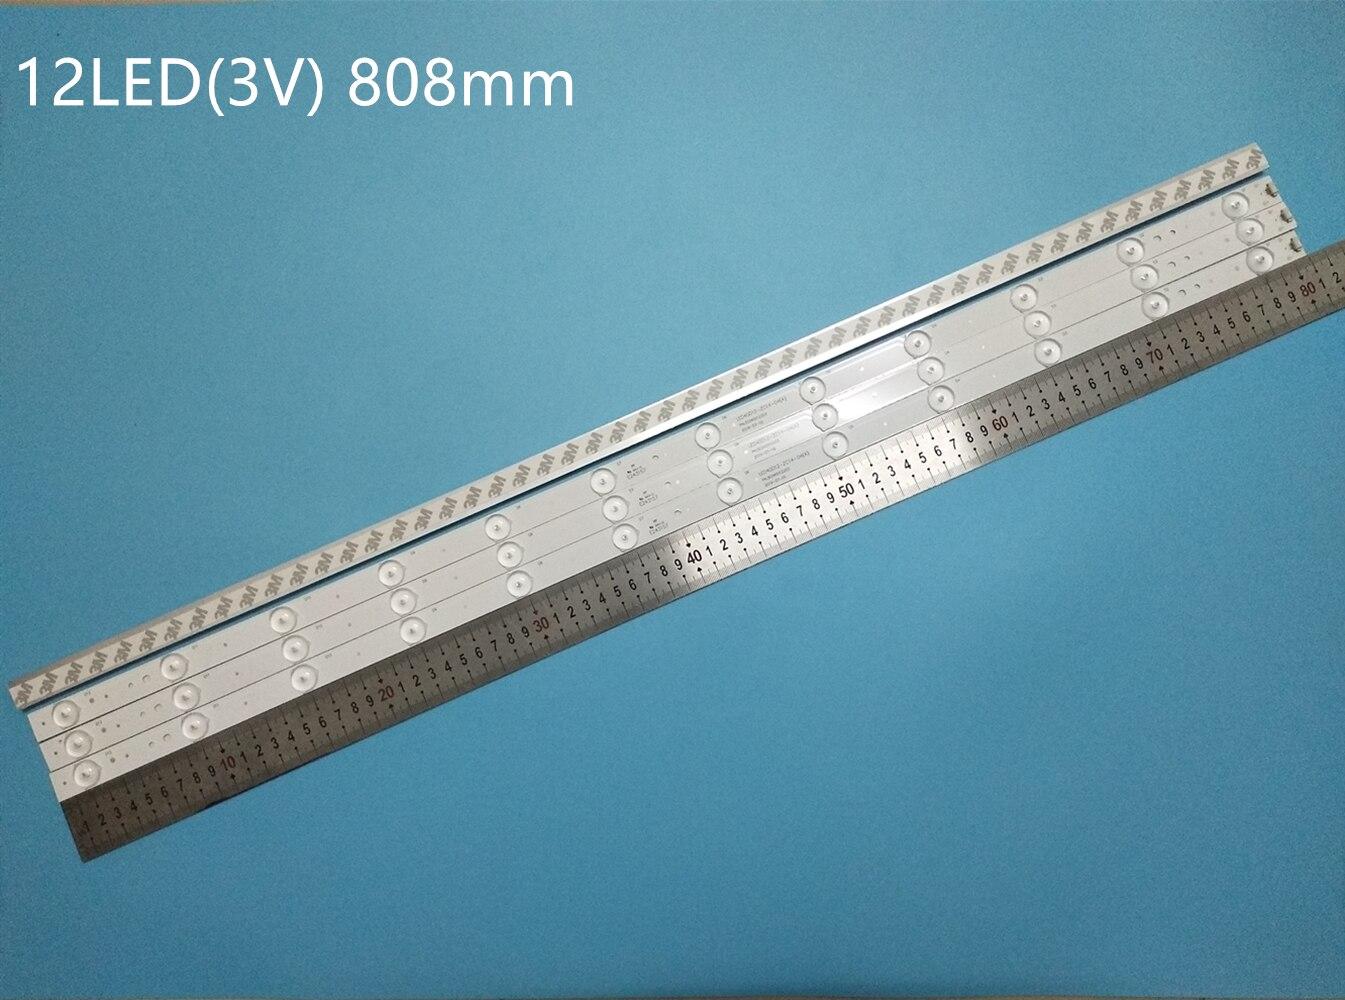 جديد 4 قطعة 12LED 808 مللي متر LED الخلفية قطاع ل LE40B3000 LED40ME1000 LED40D12-ZC14-04 ab LED40D12-03(B)